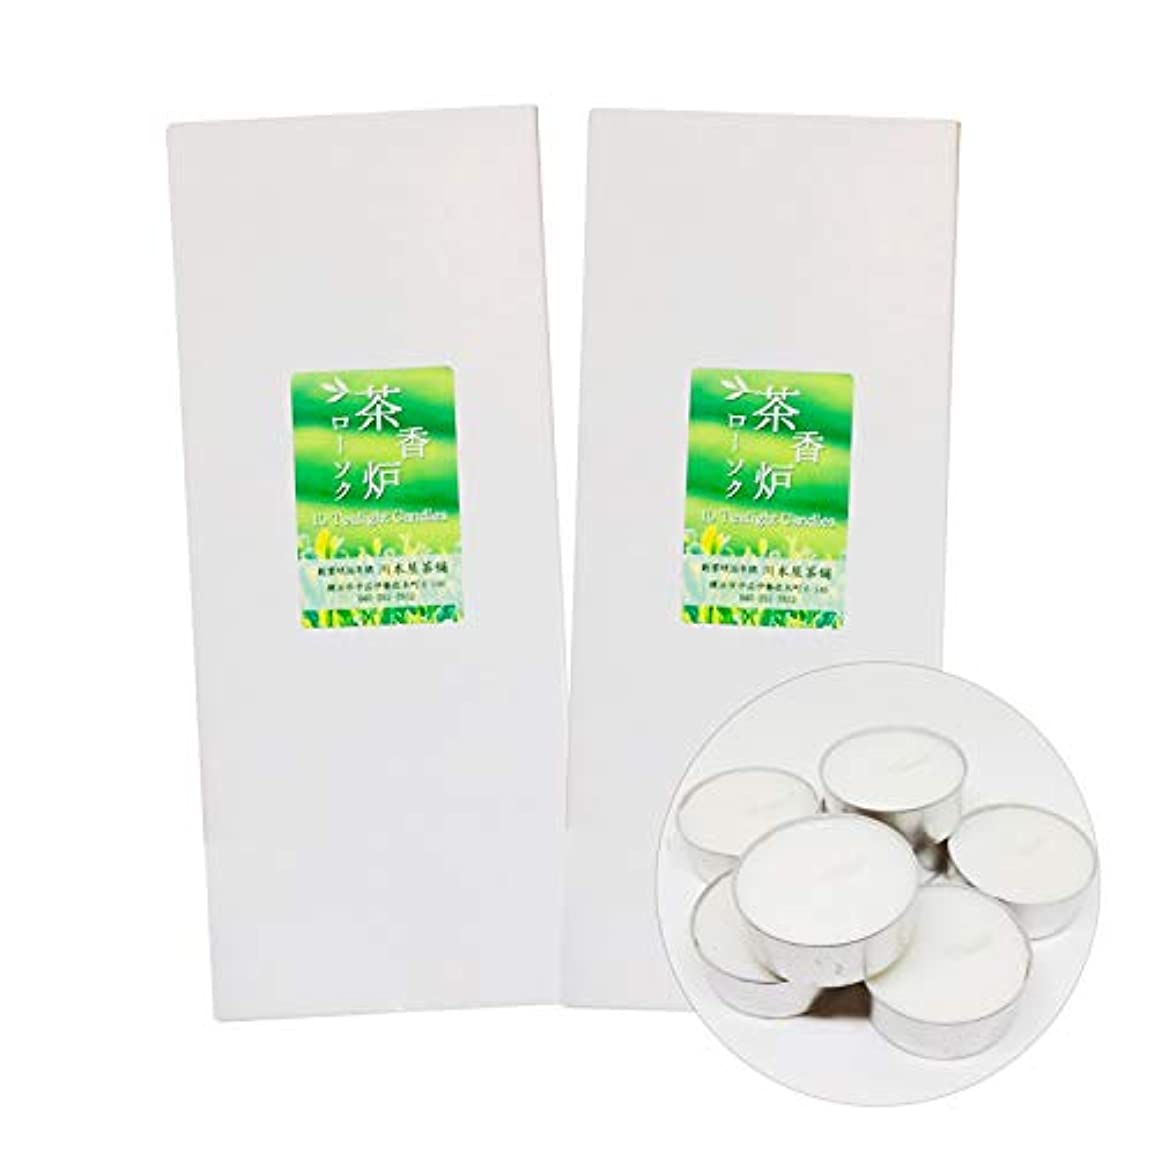 マグアンドリューハリディために茶香炉専用 ろうそく キャンドル 10個入り 川本屋茶舗 (2箱)